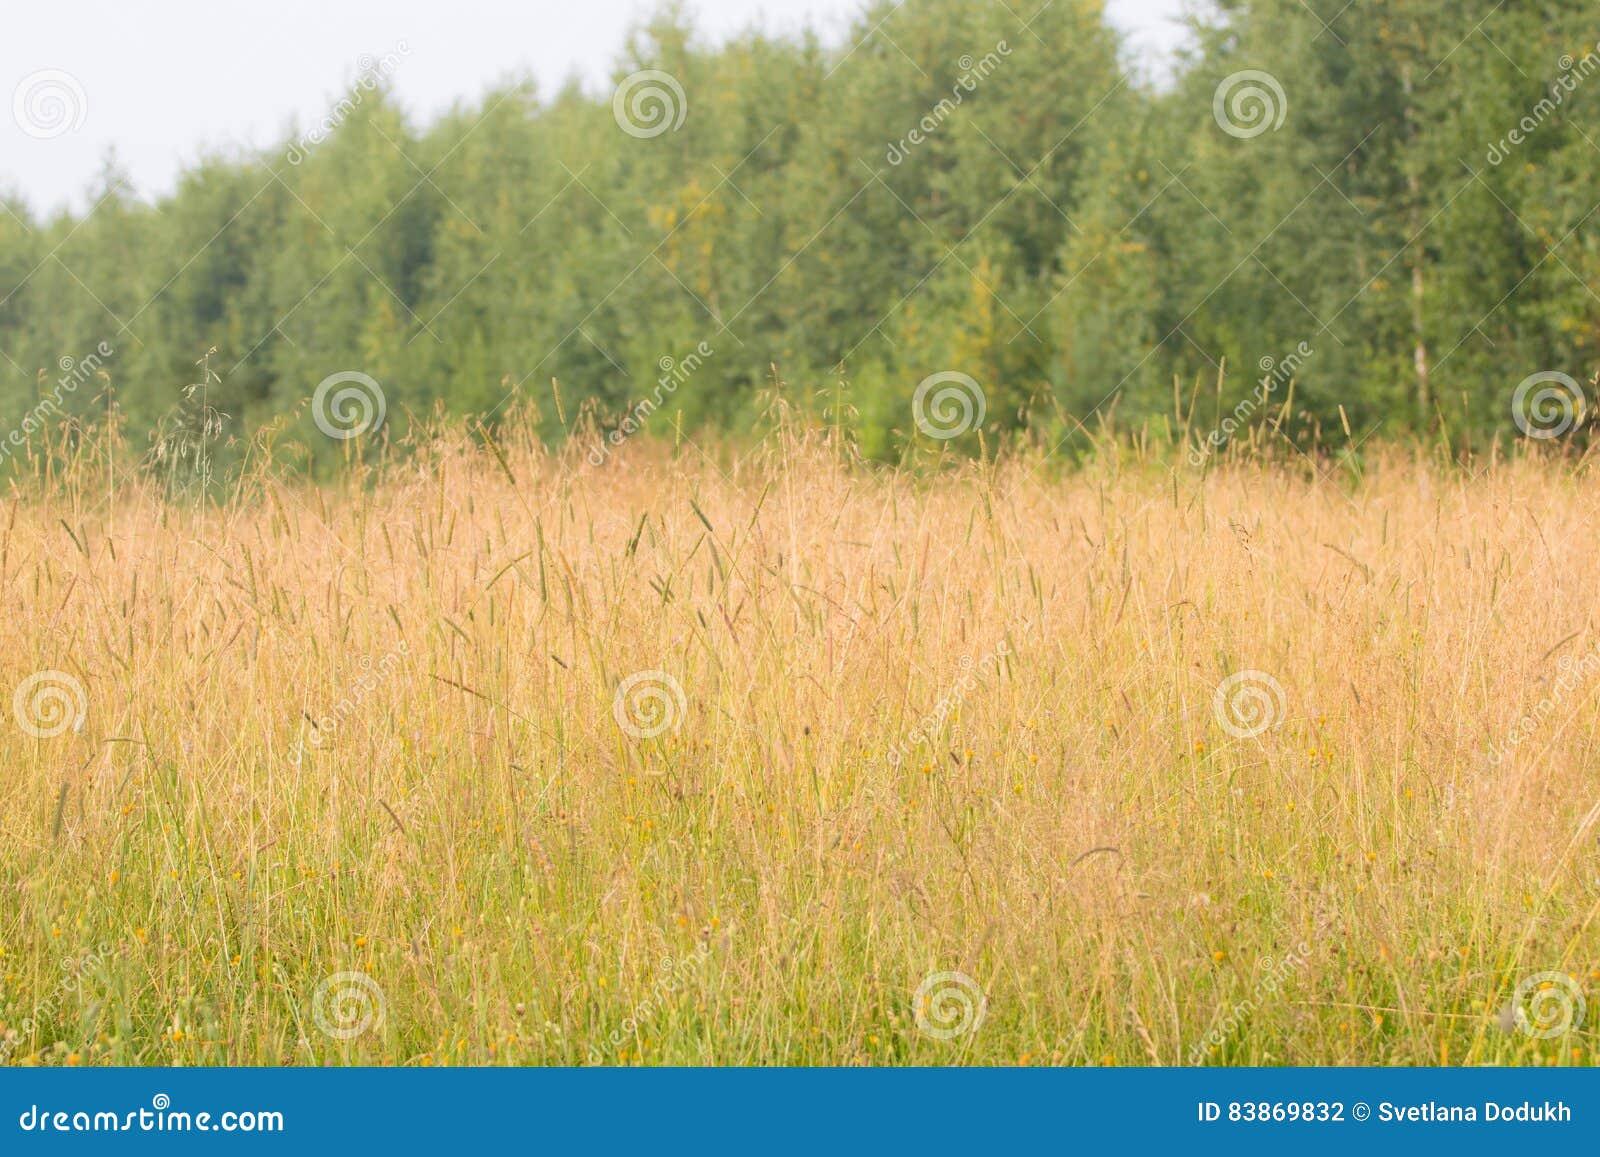 Prado com grama seca no vento no verão perto das árvores verdes